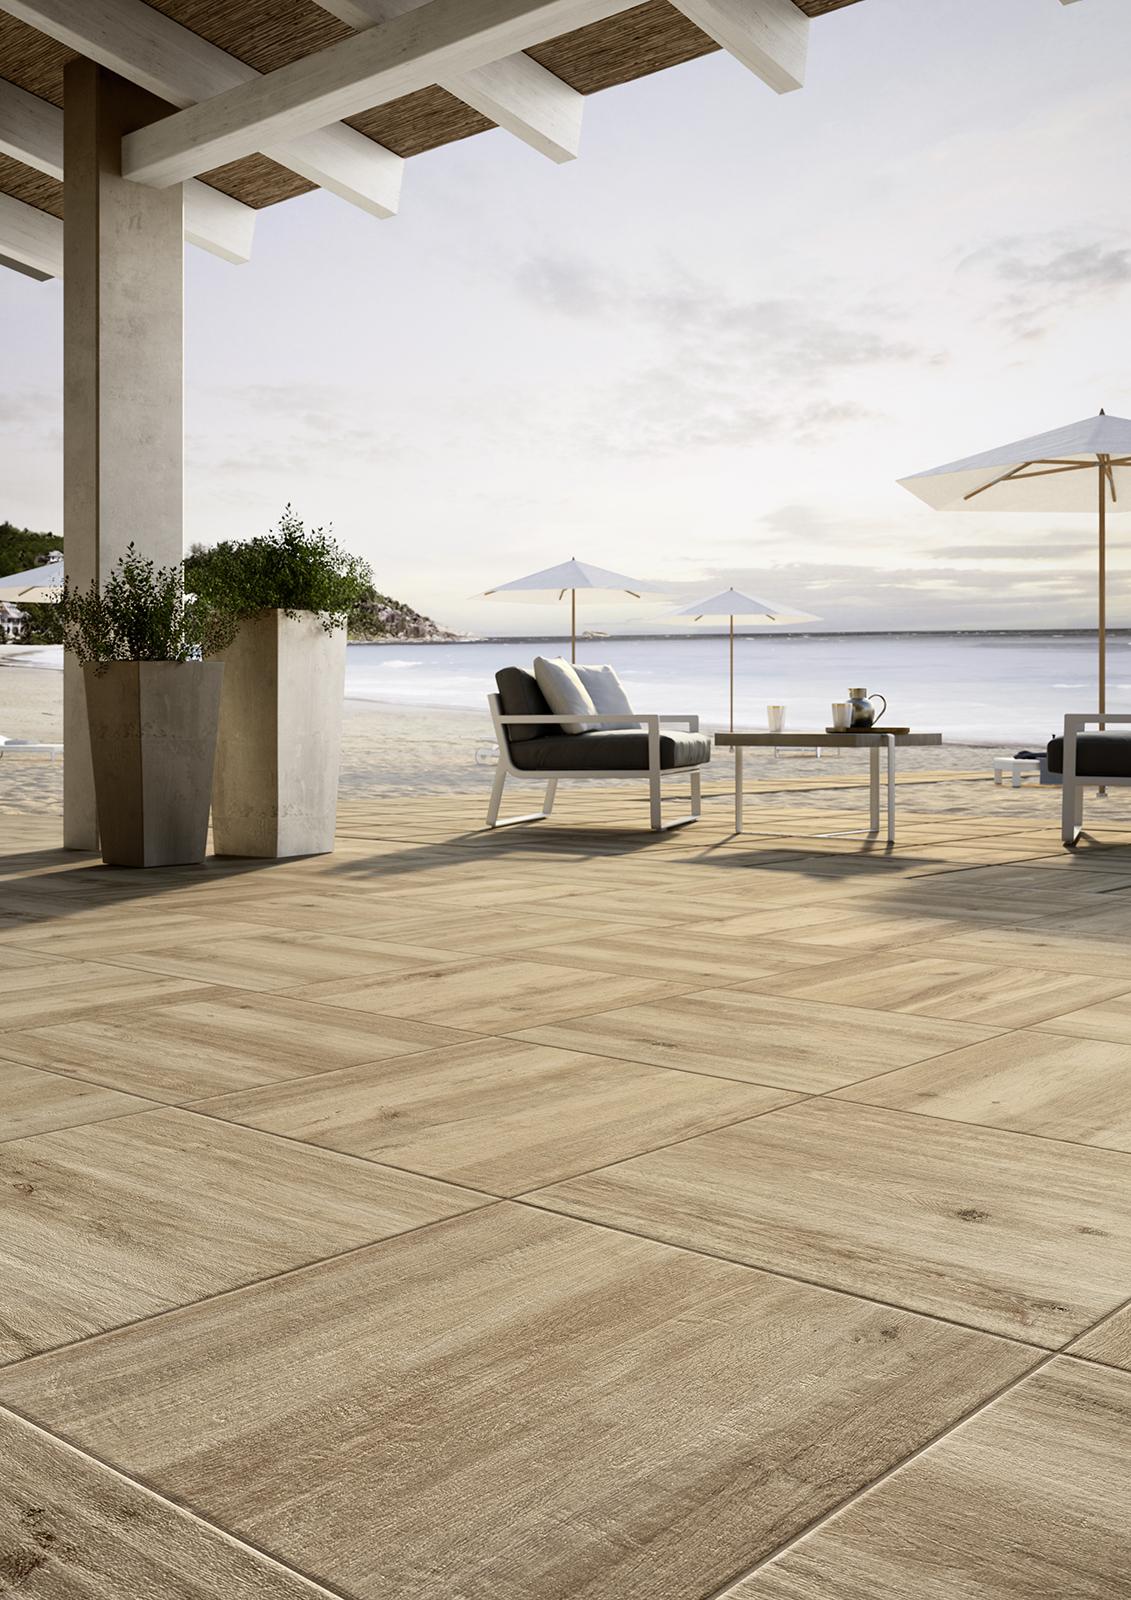 Pavimenti per esterni piastrelle gres porcellanato marazzi for Design per esterni